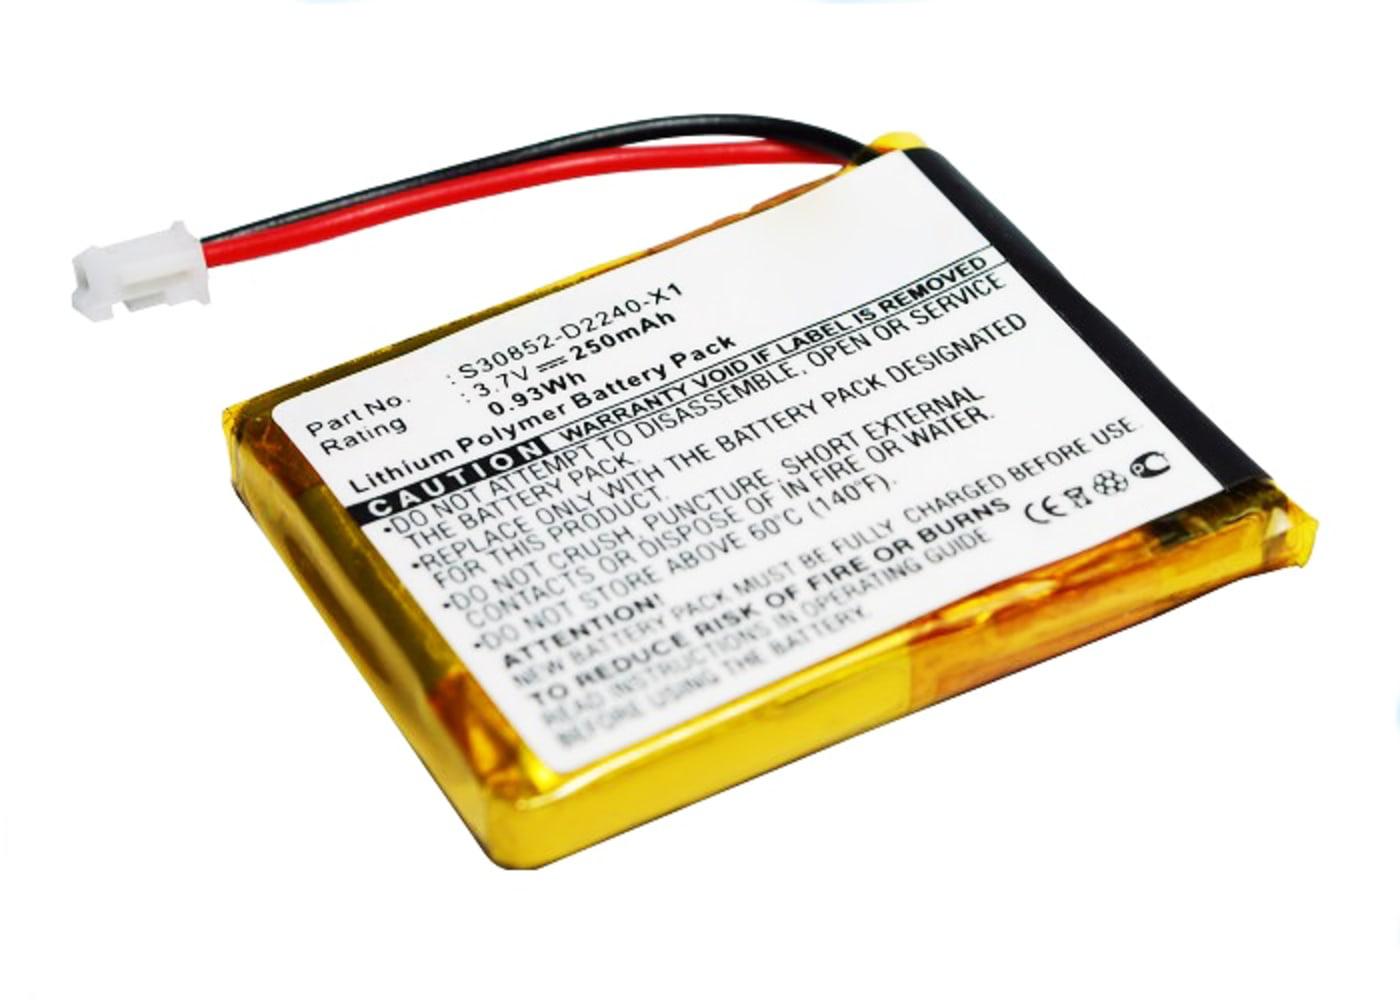 subtel® genopladelige battereri til Siemens Gigaset L410 - F39033-V328-C901,S30852-D2240-X1,V30145-K1310-X448 250mAh - udskift dit mobilbatteri